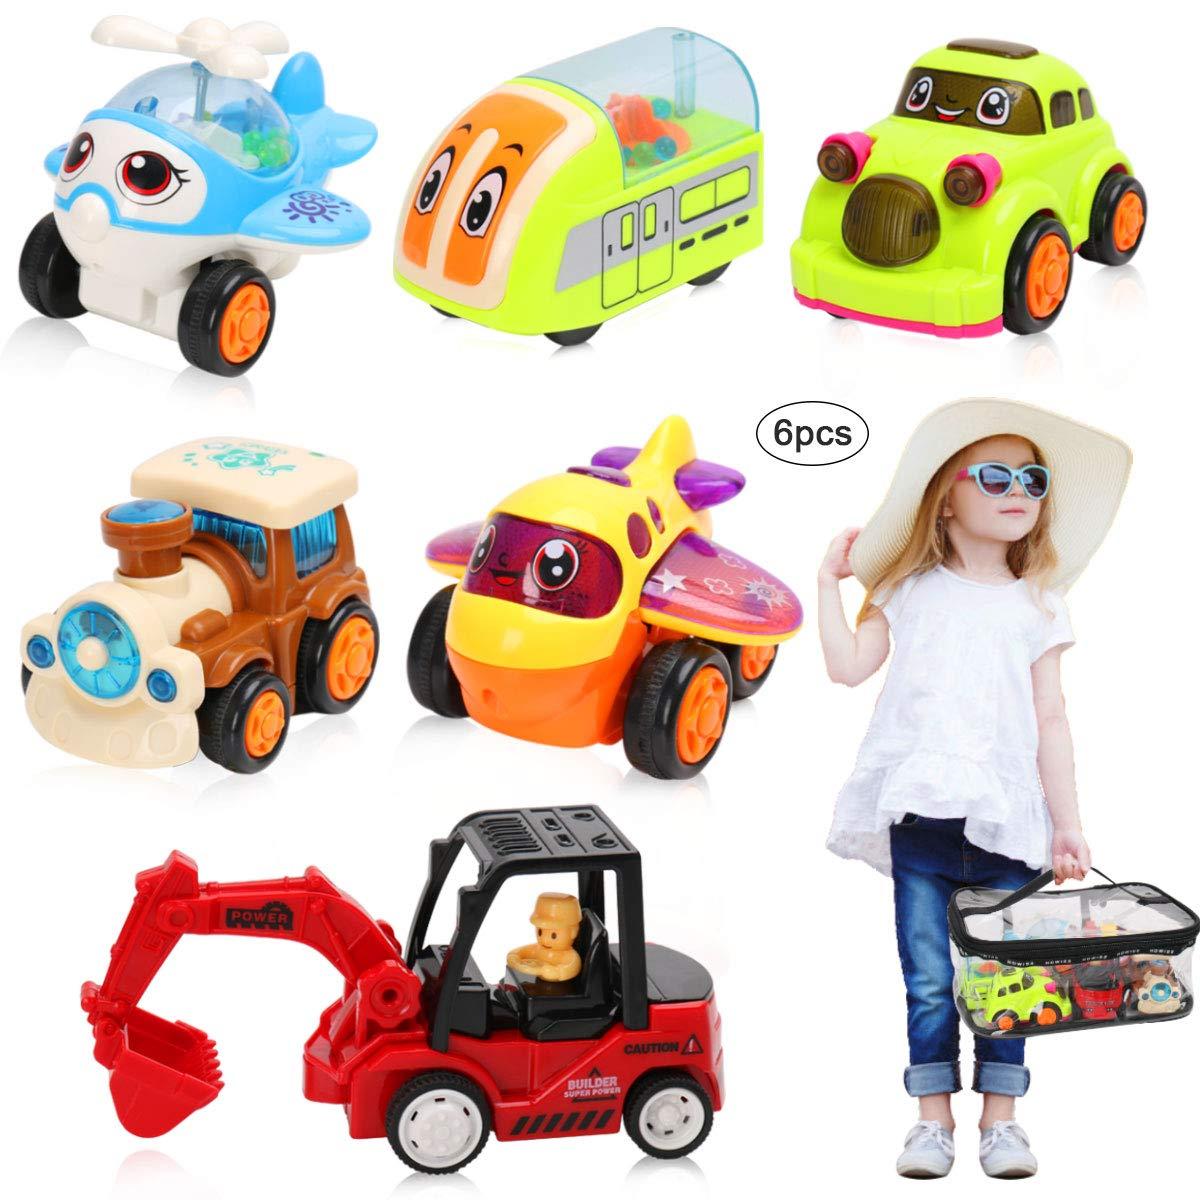 ... Un Total 6 Coches, Maletín portacoches - 6 Colores, Ideal Cumpleaños niños,Juguetes niño 2 3 4 5 Años (6 Coches Mini): Amazon.es: Juguetes y juegos